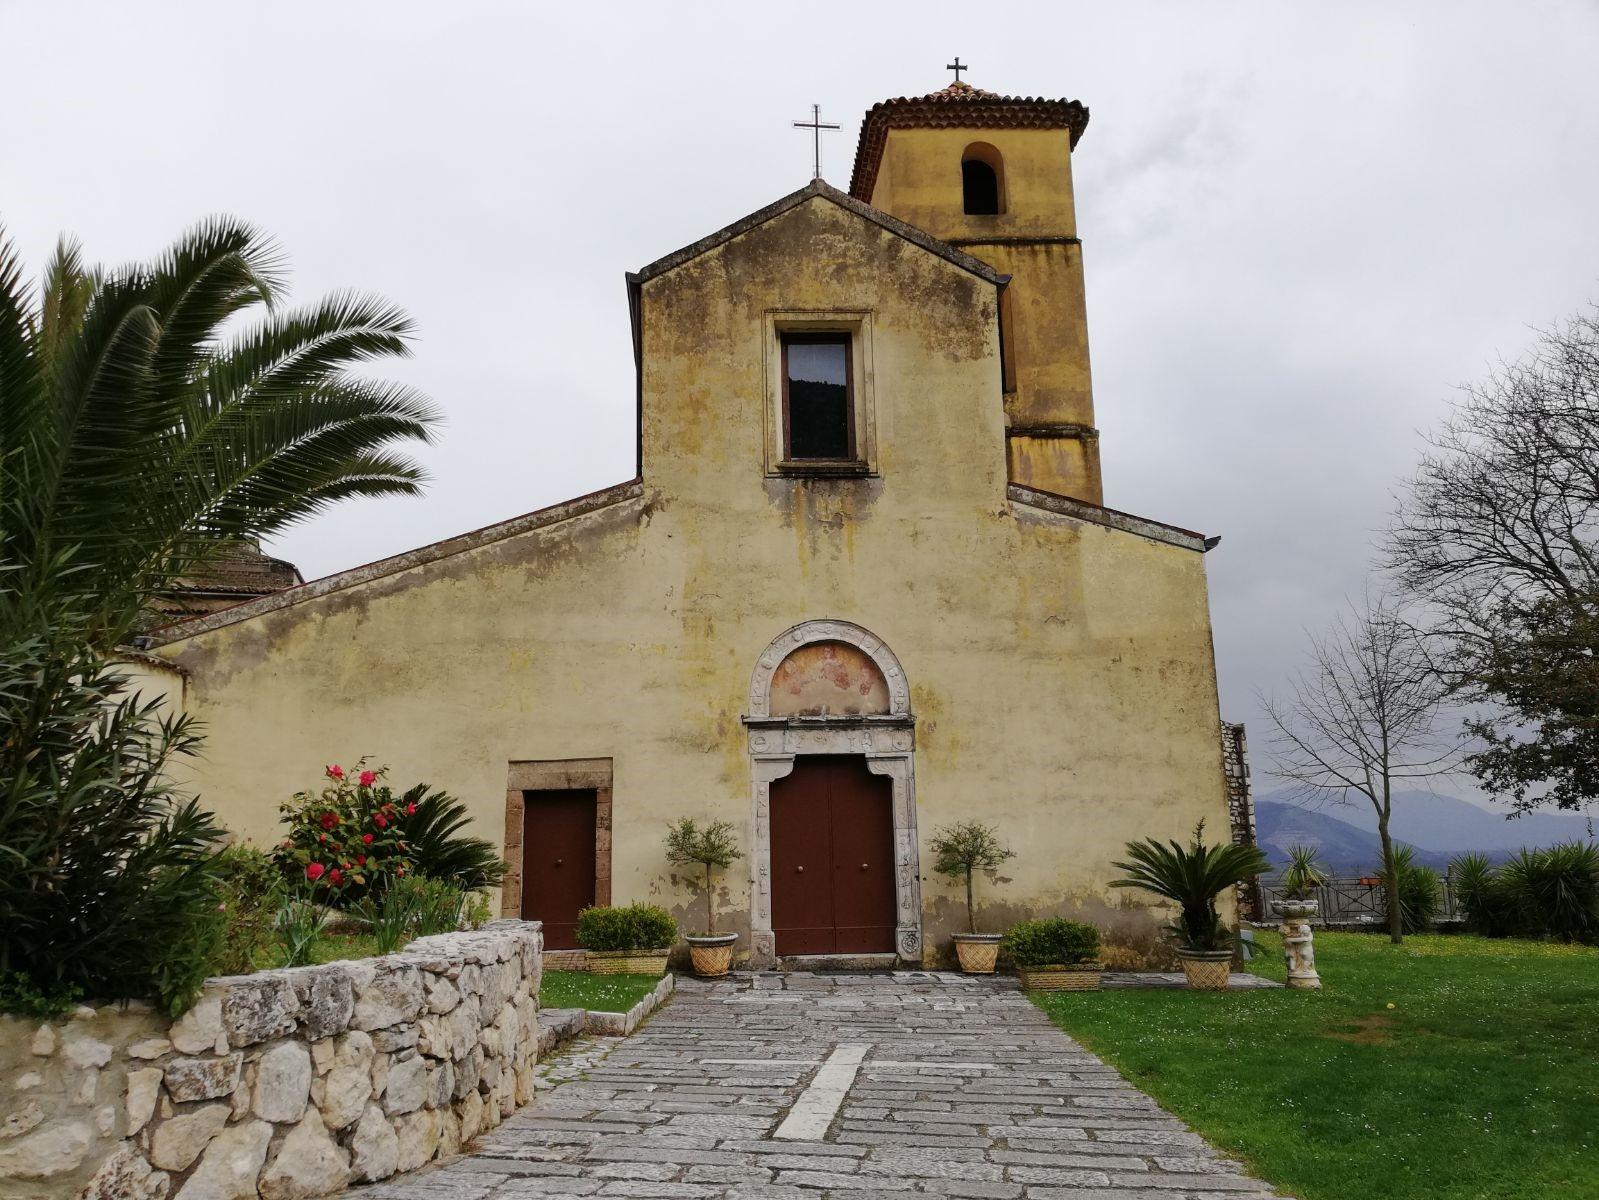 Chiesa di San Nicola a Presenzano